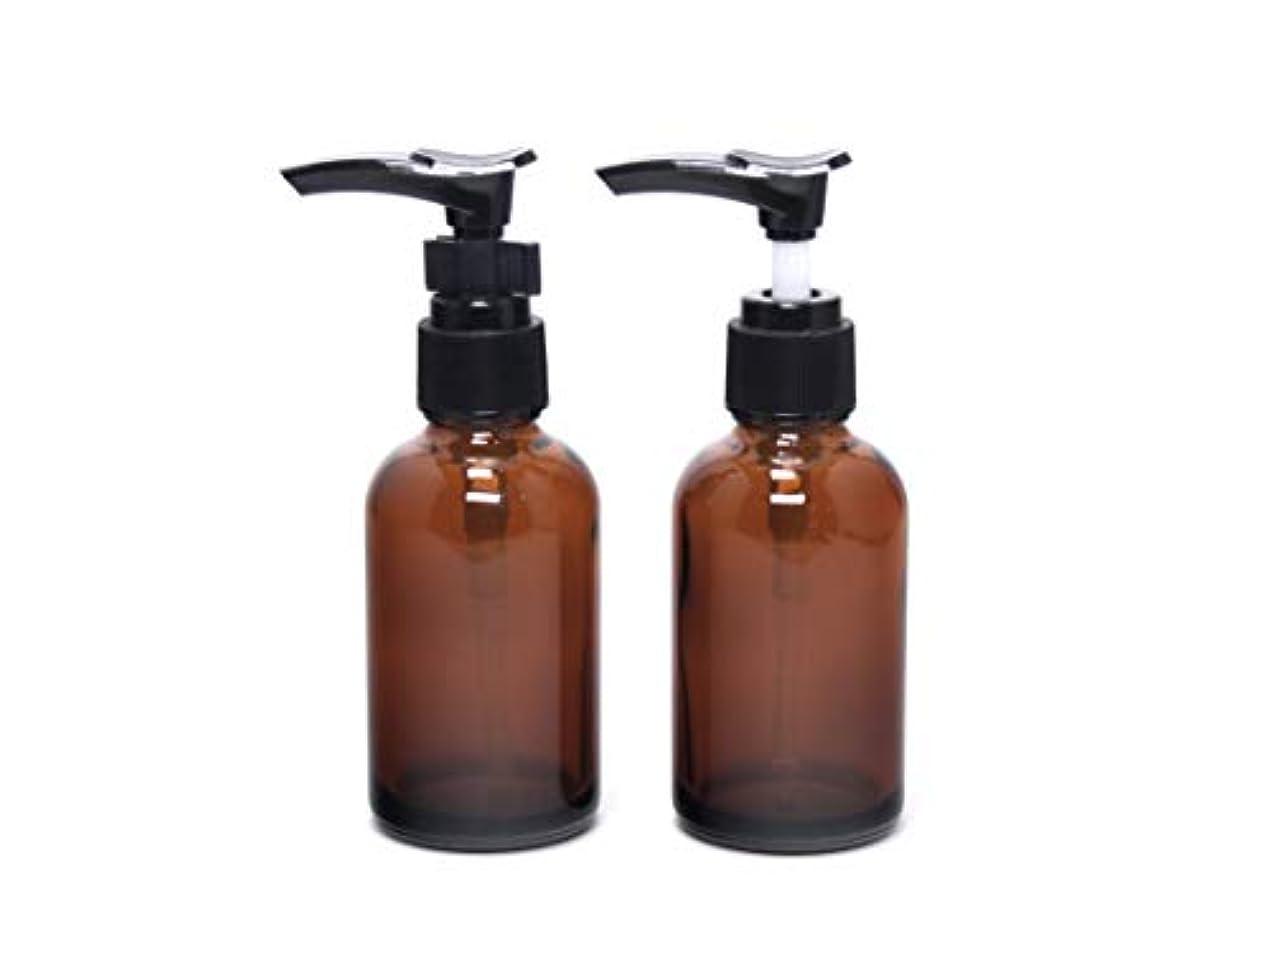 商人祝福するバイパス遮光瓶 ポンプボトル (硝子) 50ml / アンバー ? ブラックポンプヘッド × 2本セット